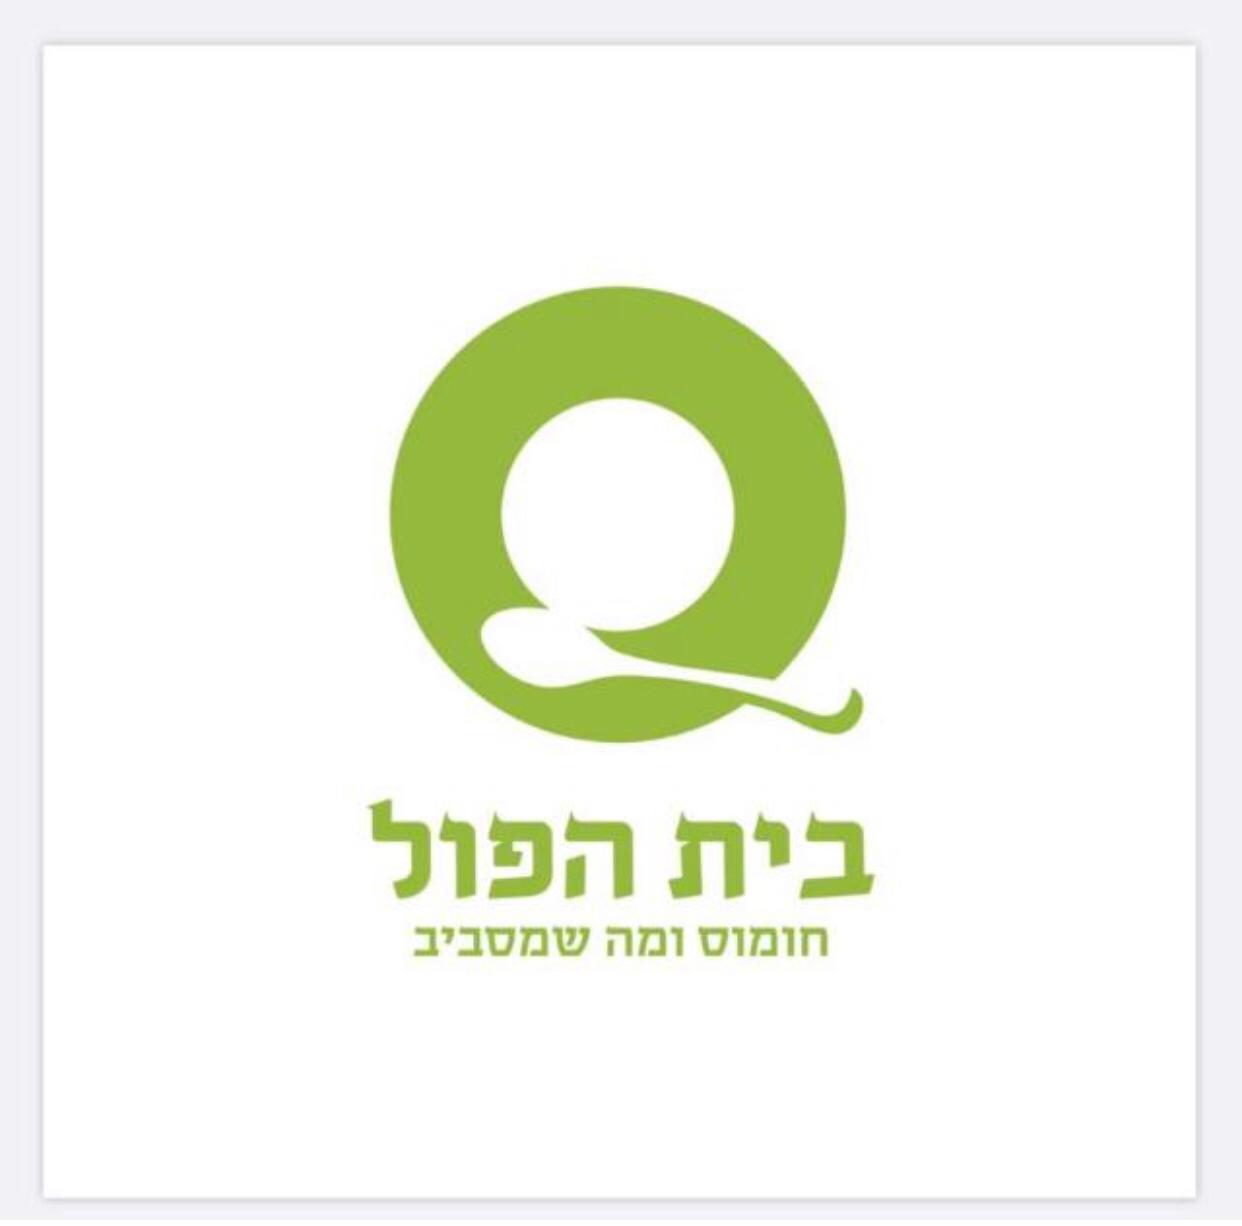 Beit haful